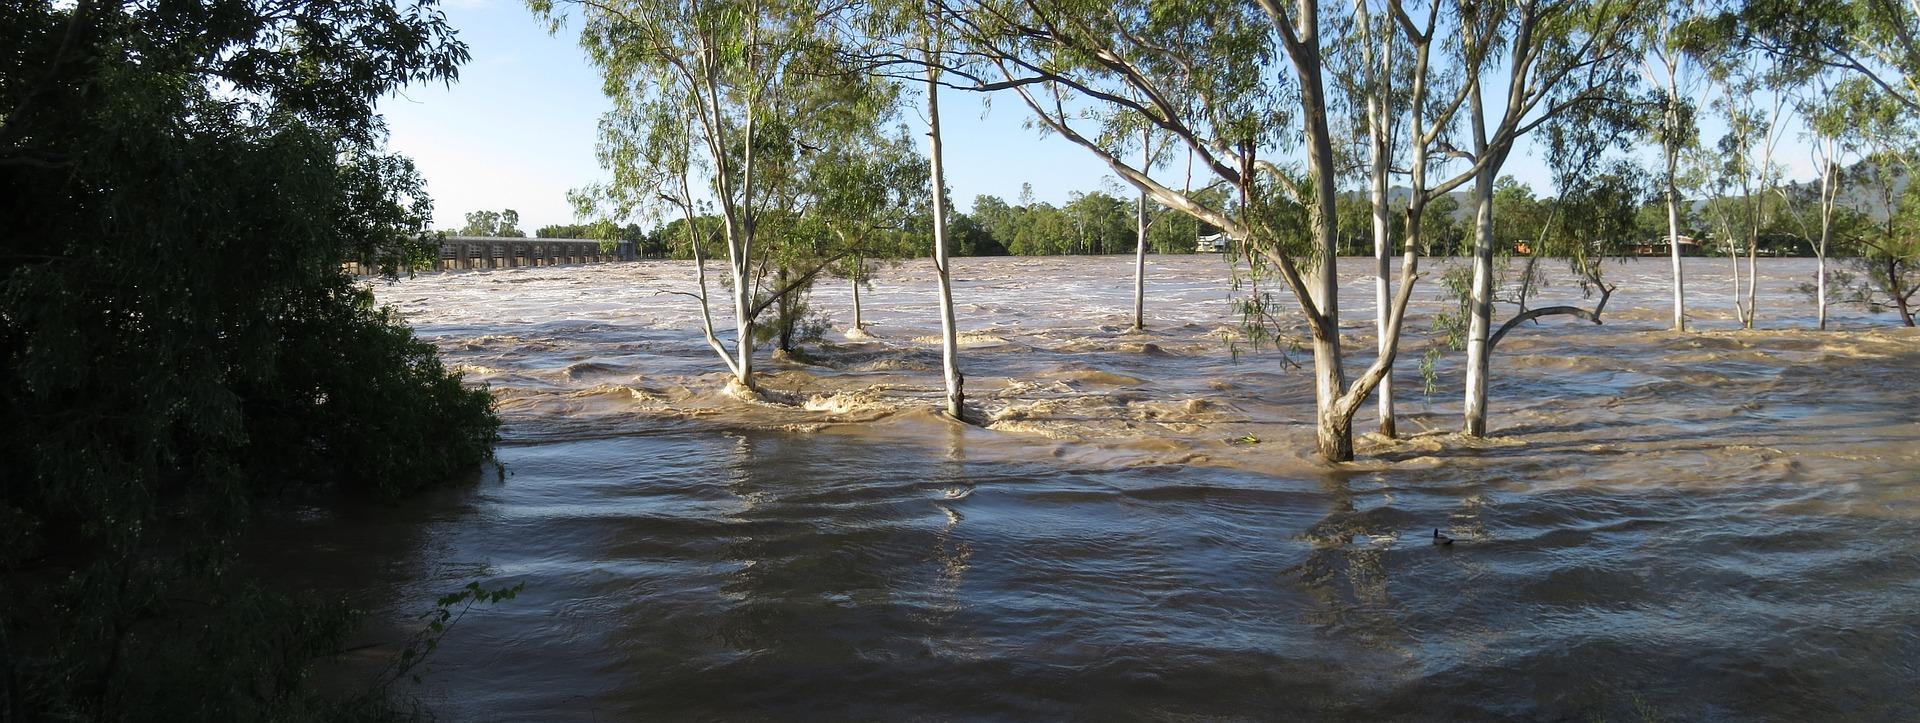 Des scénarios de crue de la Seine